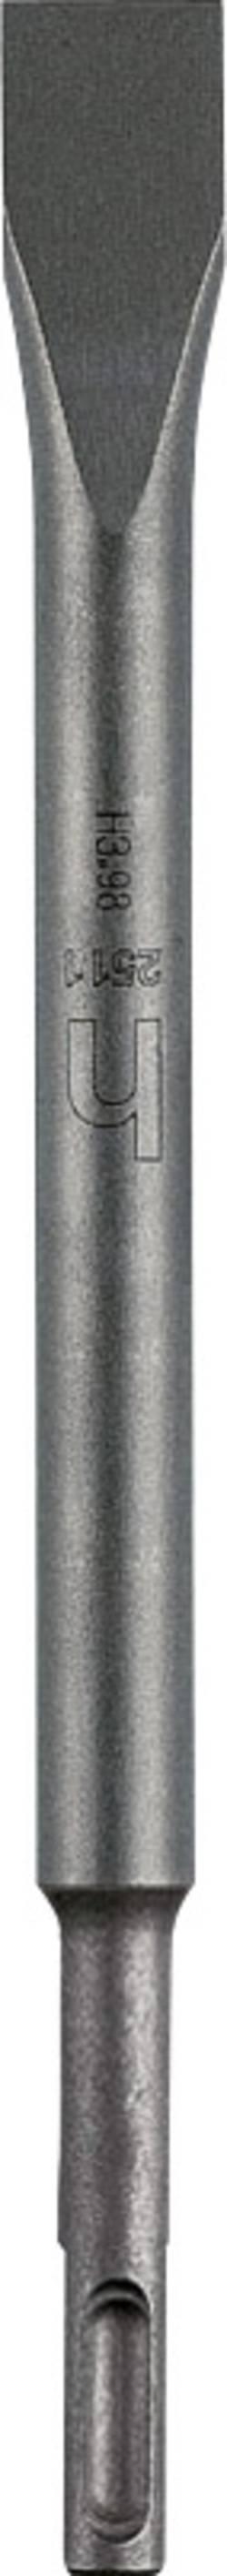 Burin plat SDS-Plus 20 mm Heller 196215 Longueur 250 mm 1 pièce